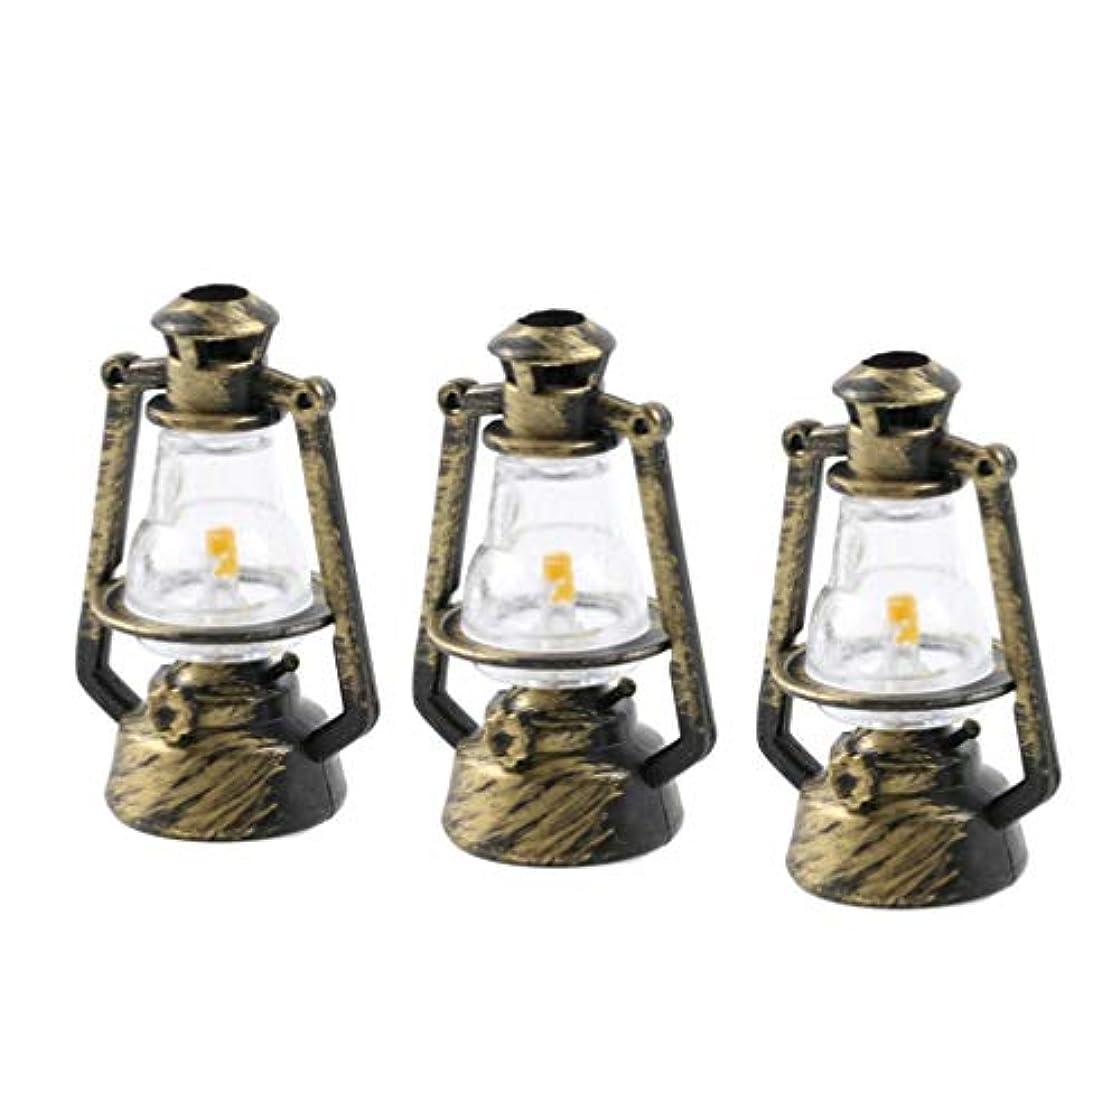 帽子ルート満足させるSUPVOX ホームドールハウス用6個のオイル燃焼ランタンウェディングライトテーブルランプ